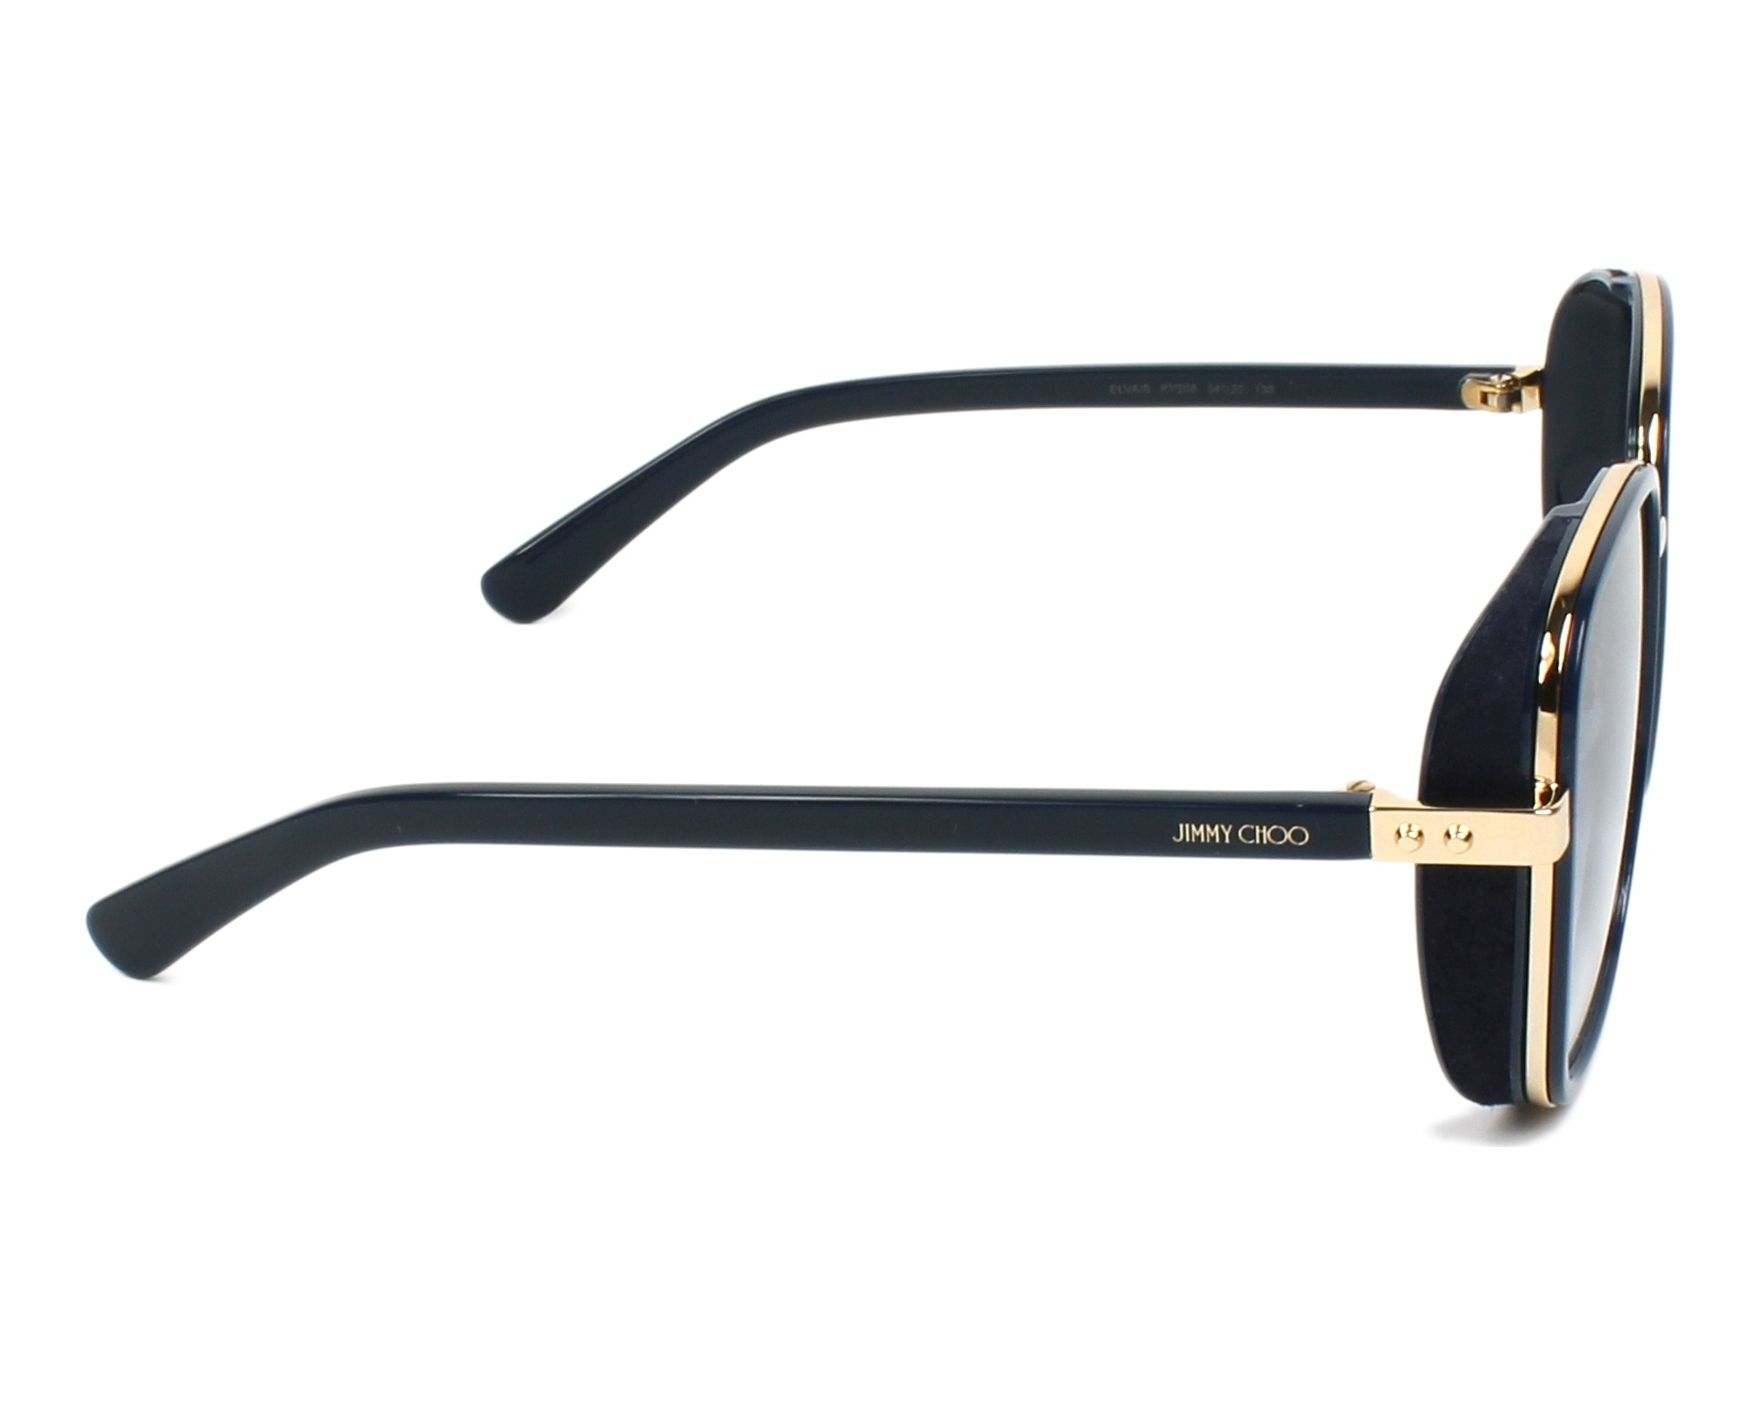 7d0d5c16d9c3 thumbnail Sunglasses Jimmy Choo ELVA-S KY2 08 - Blue Gold side view